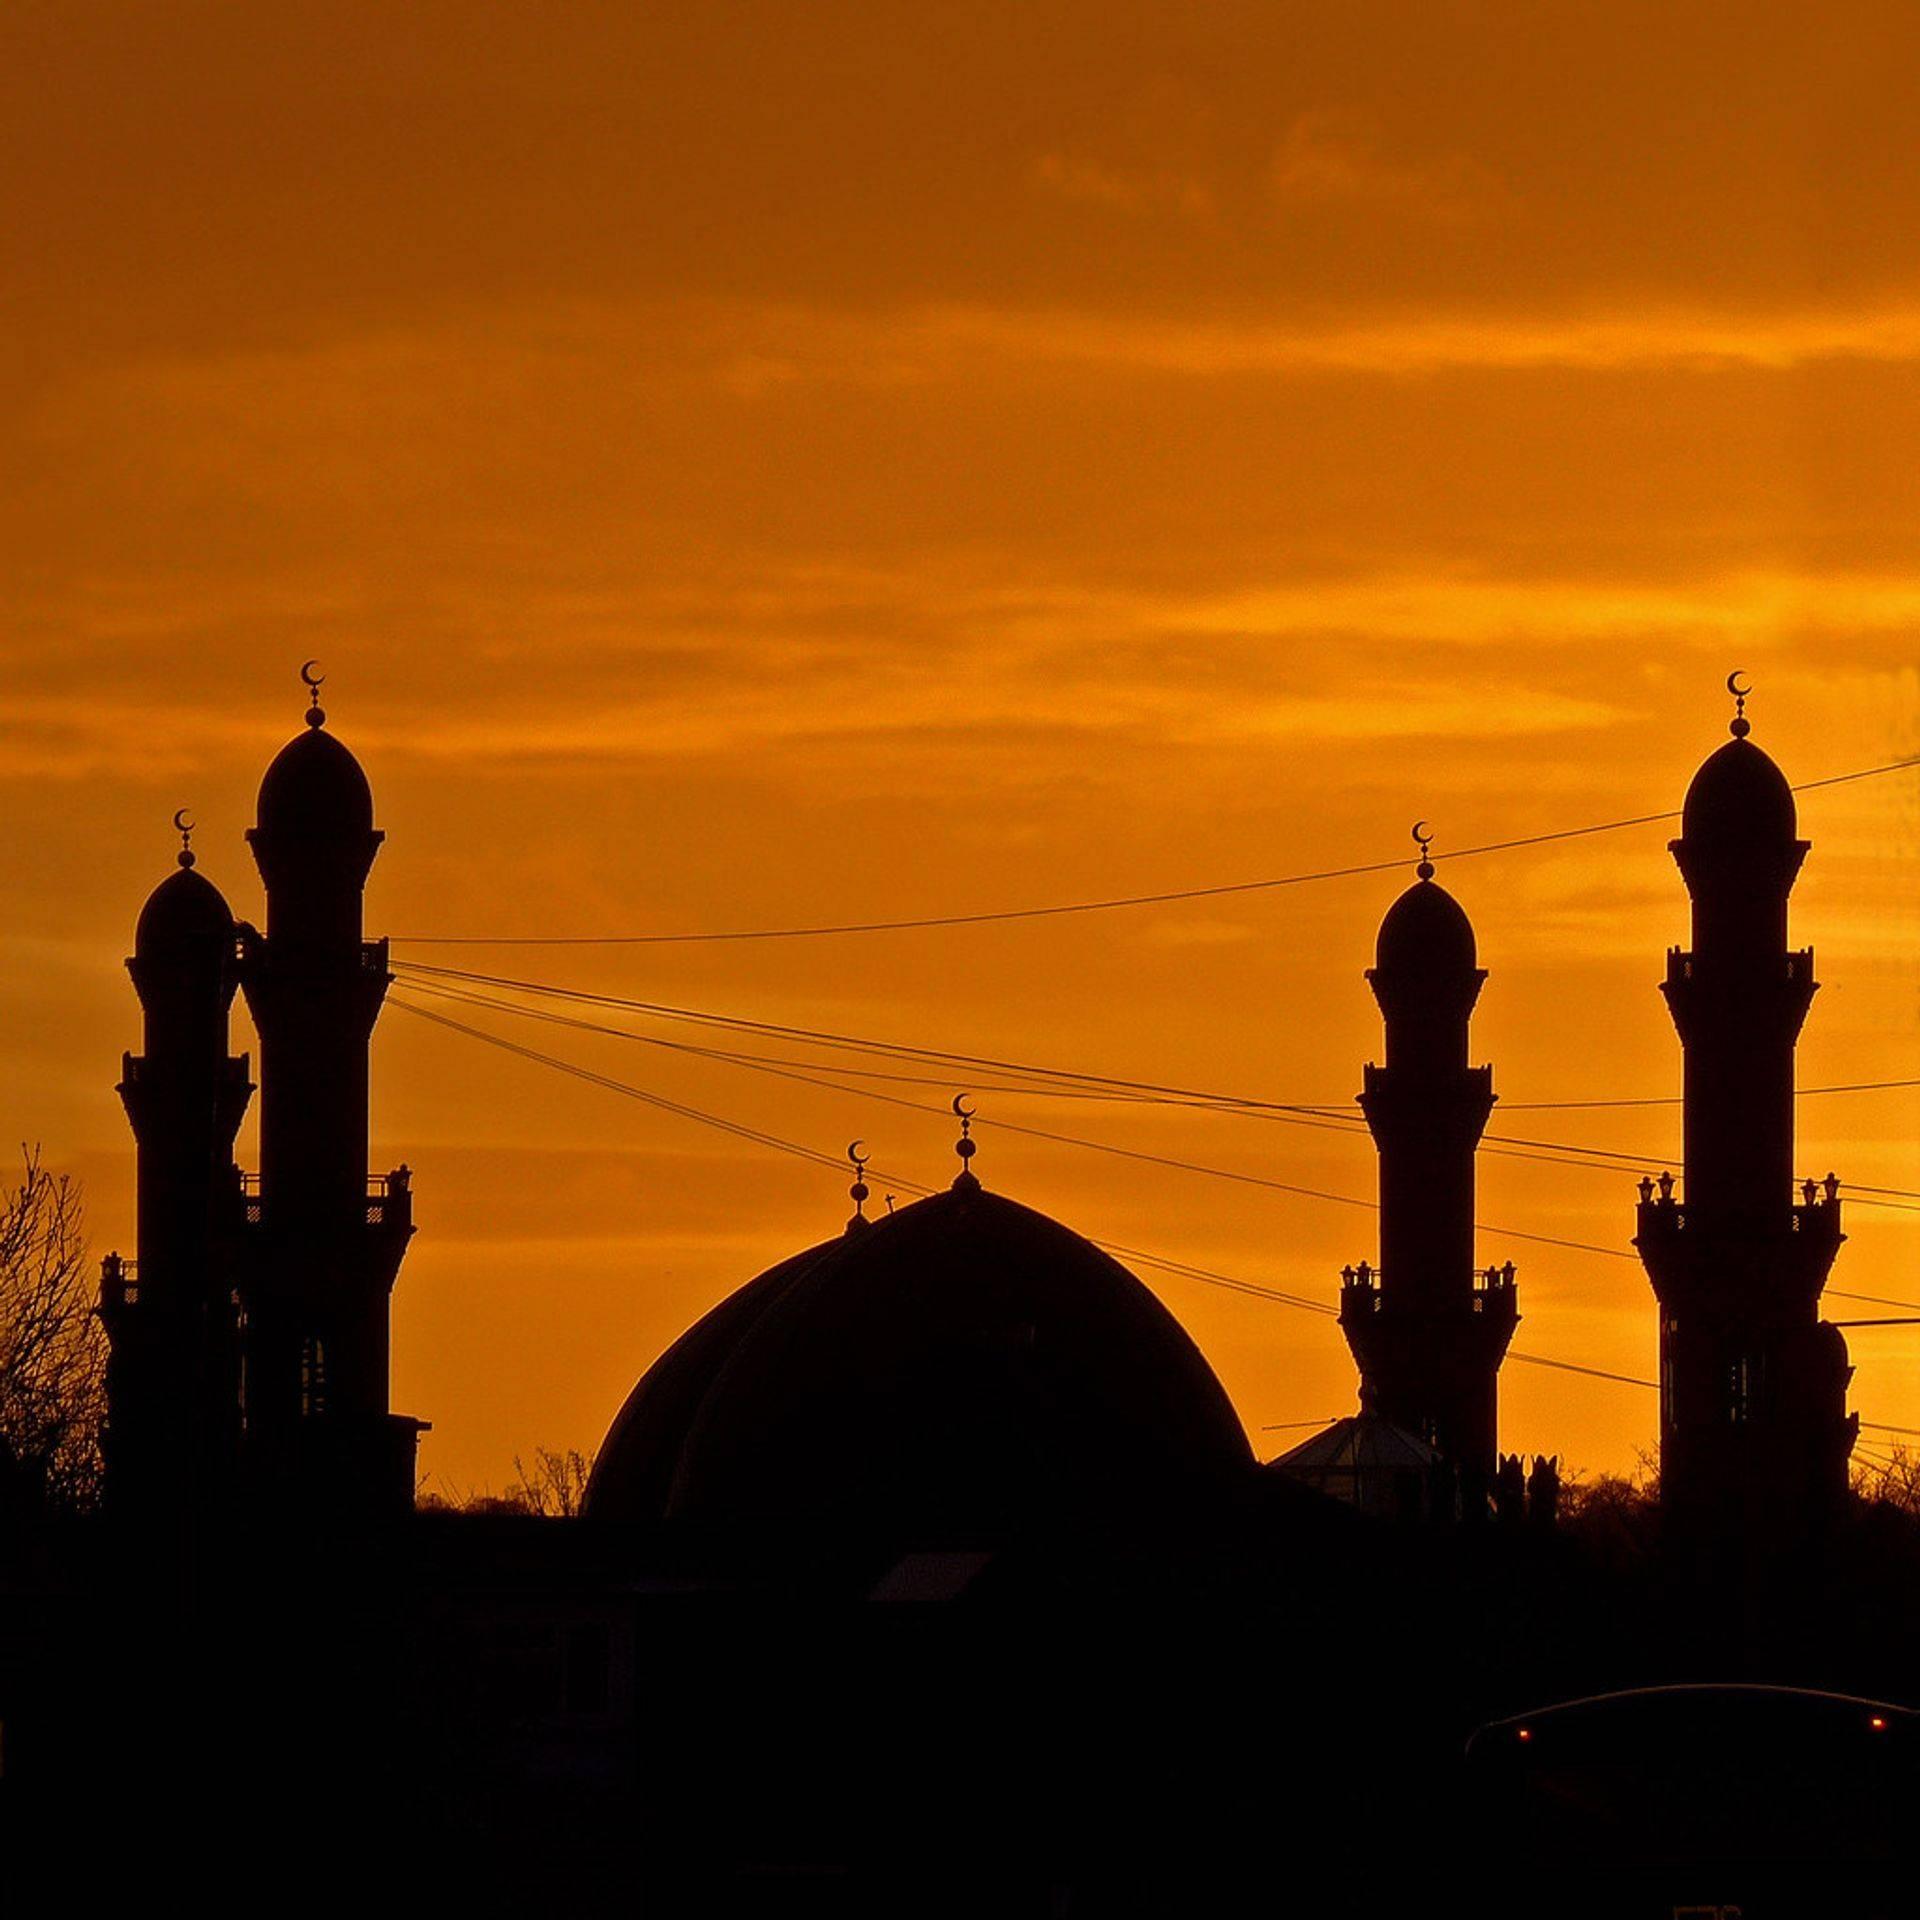 Grande mosquée de Bradford, Angleterre, l'une des plus belles d'Europe